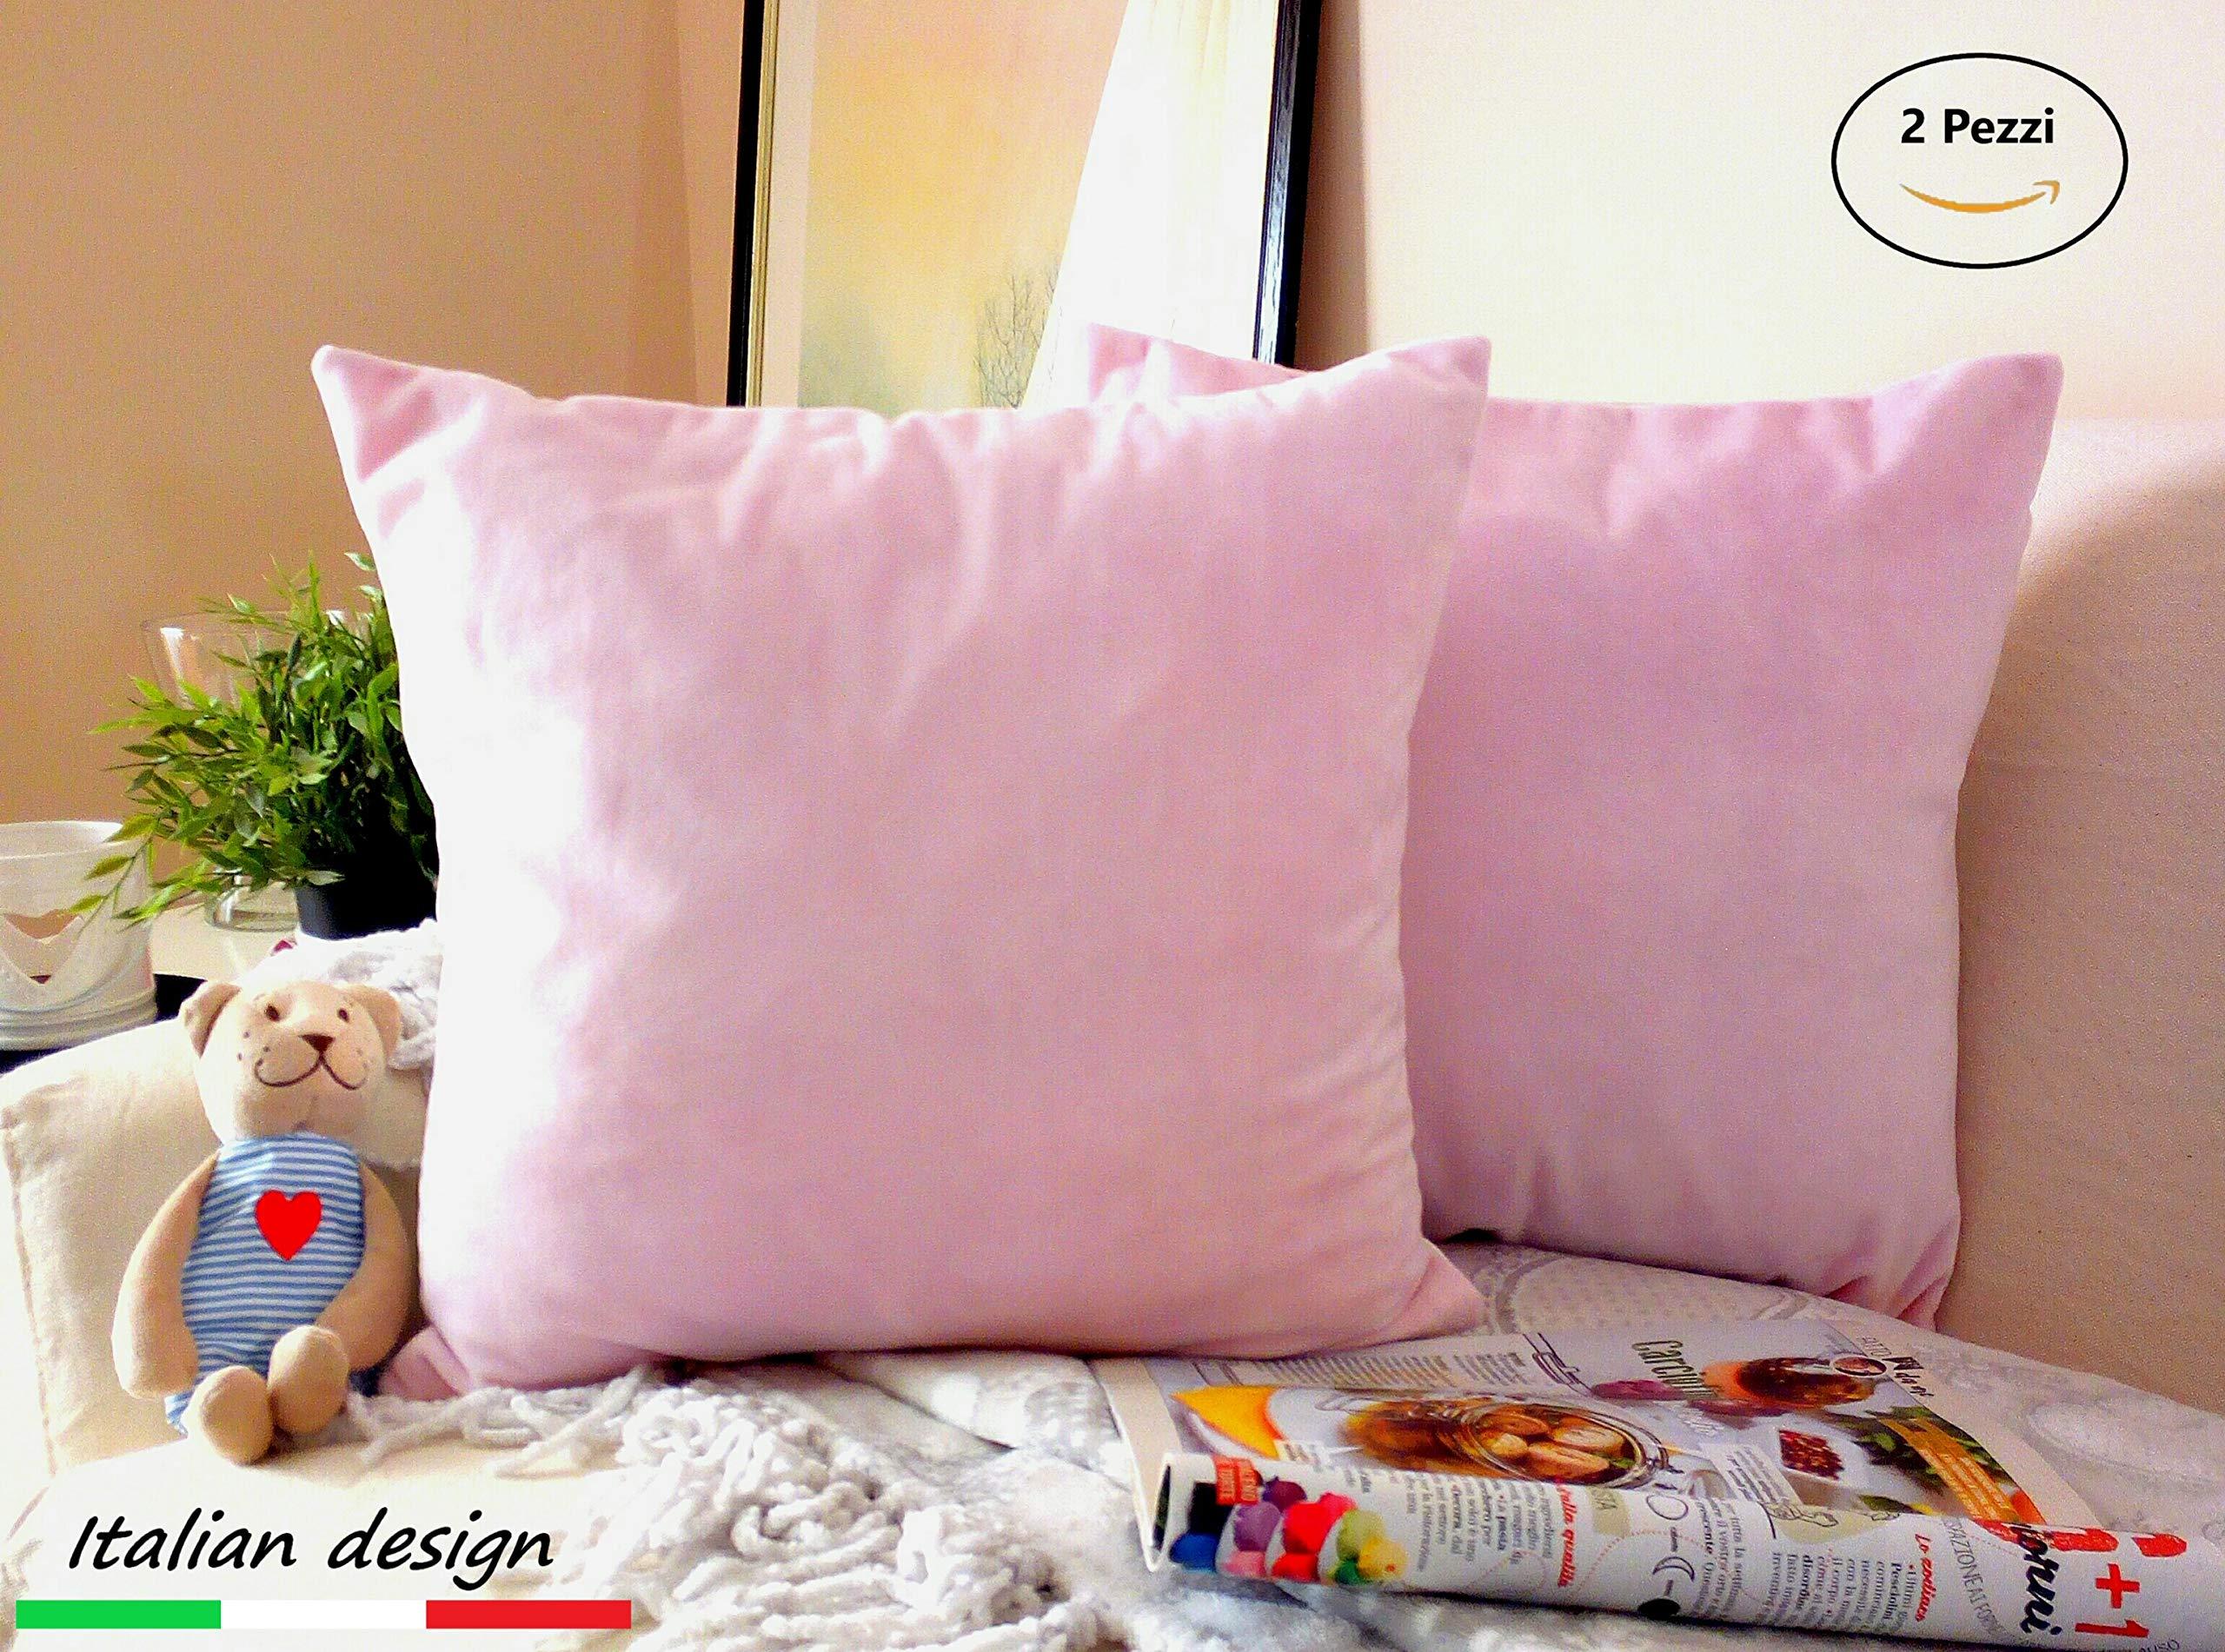 Letto Con Schienale Morbido : Copricuscino velluto super morbido per divano sedia salotto letto